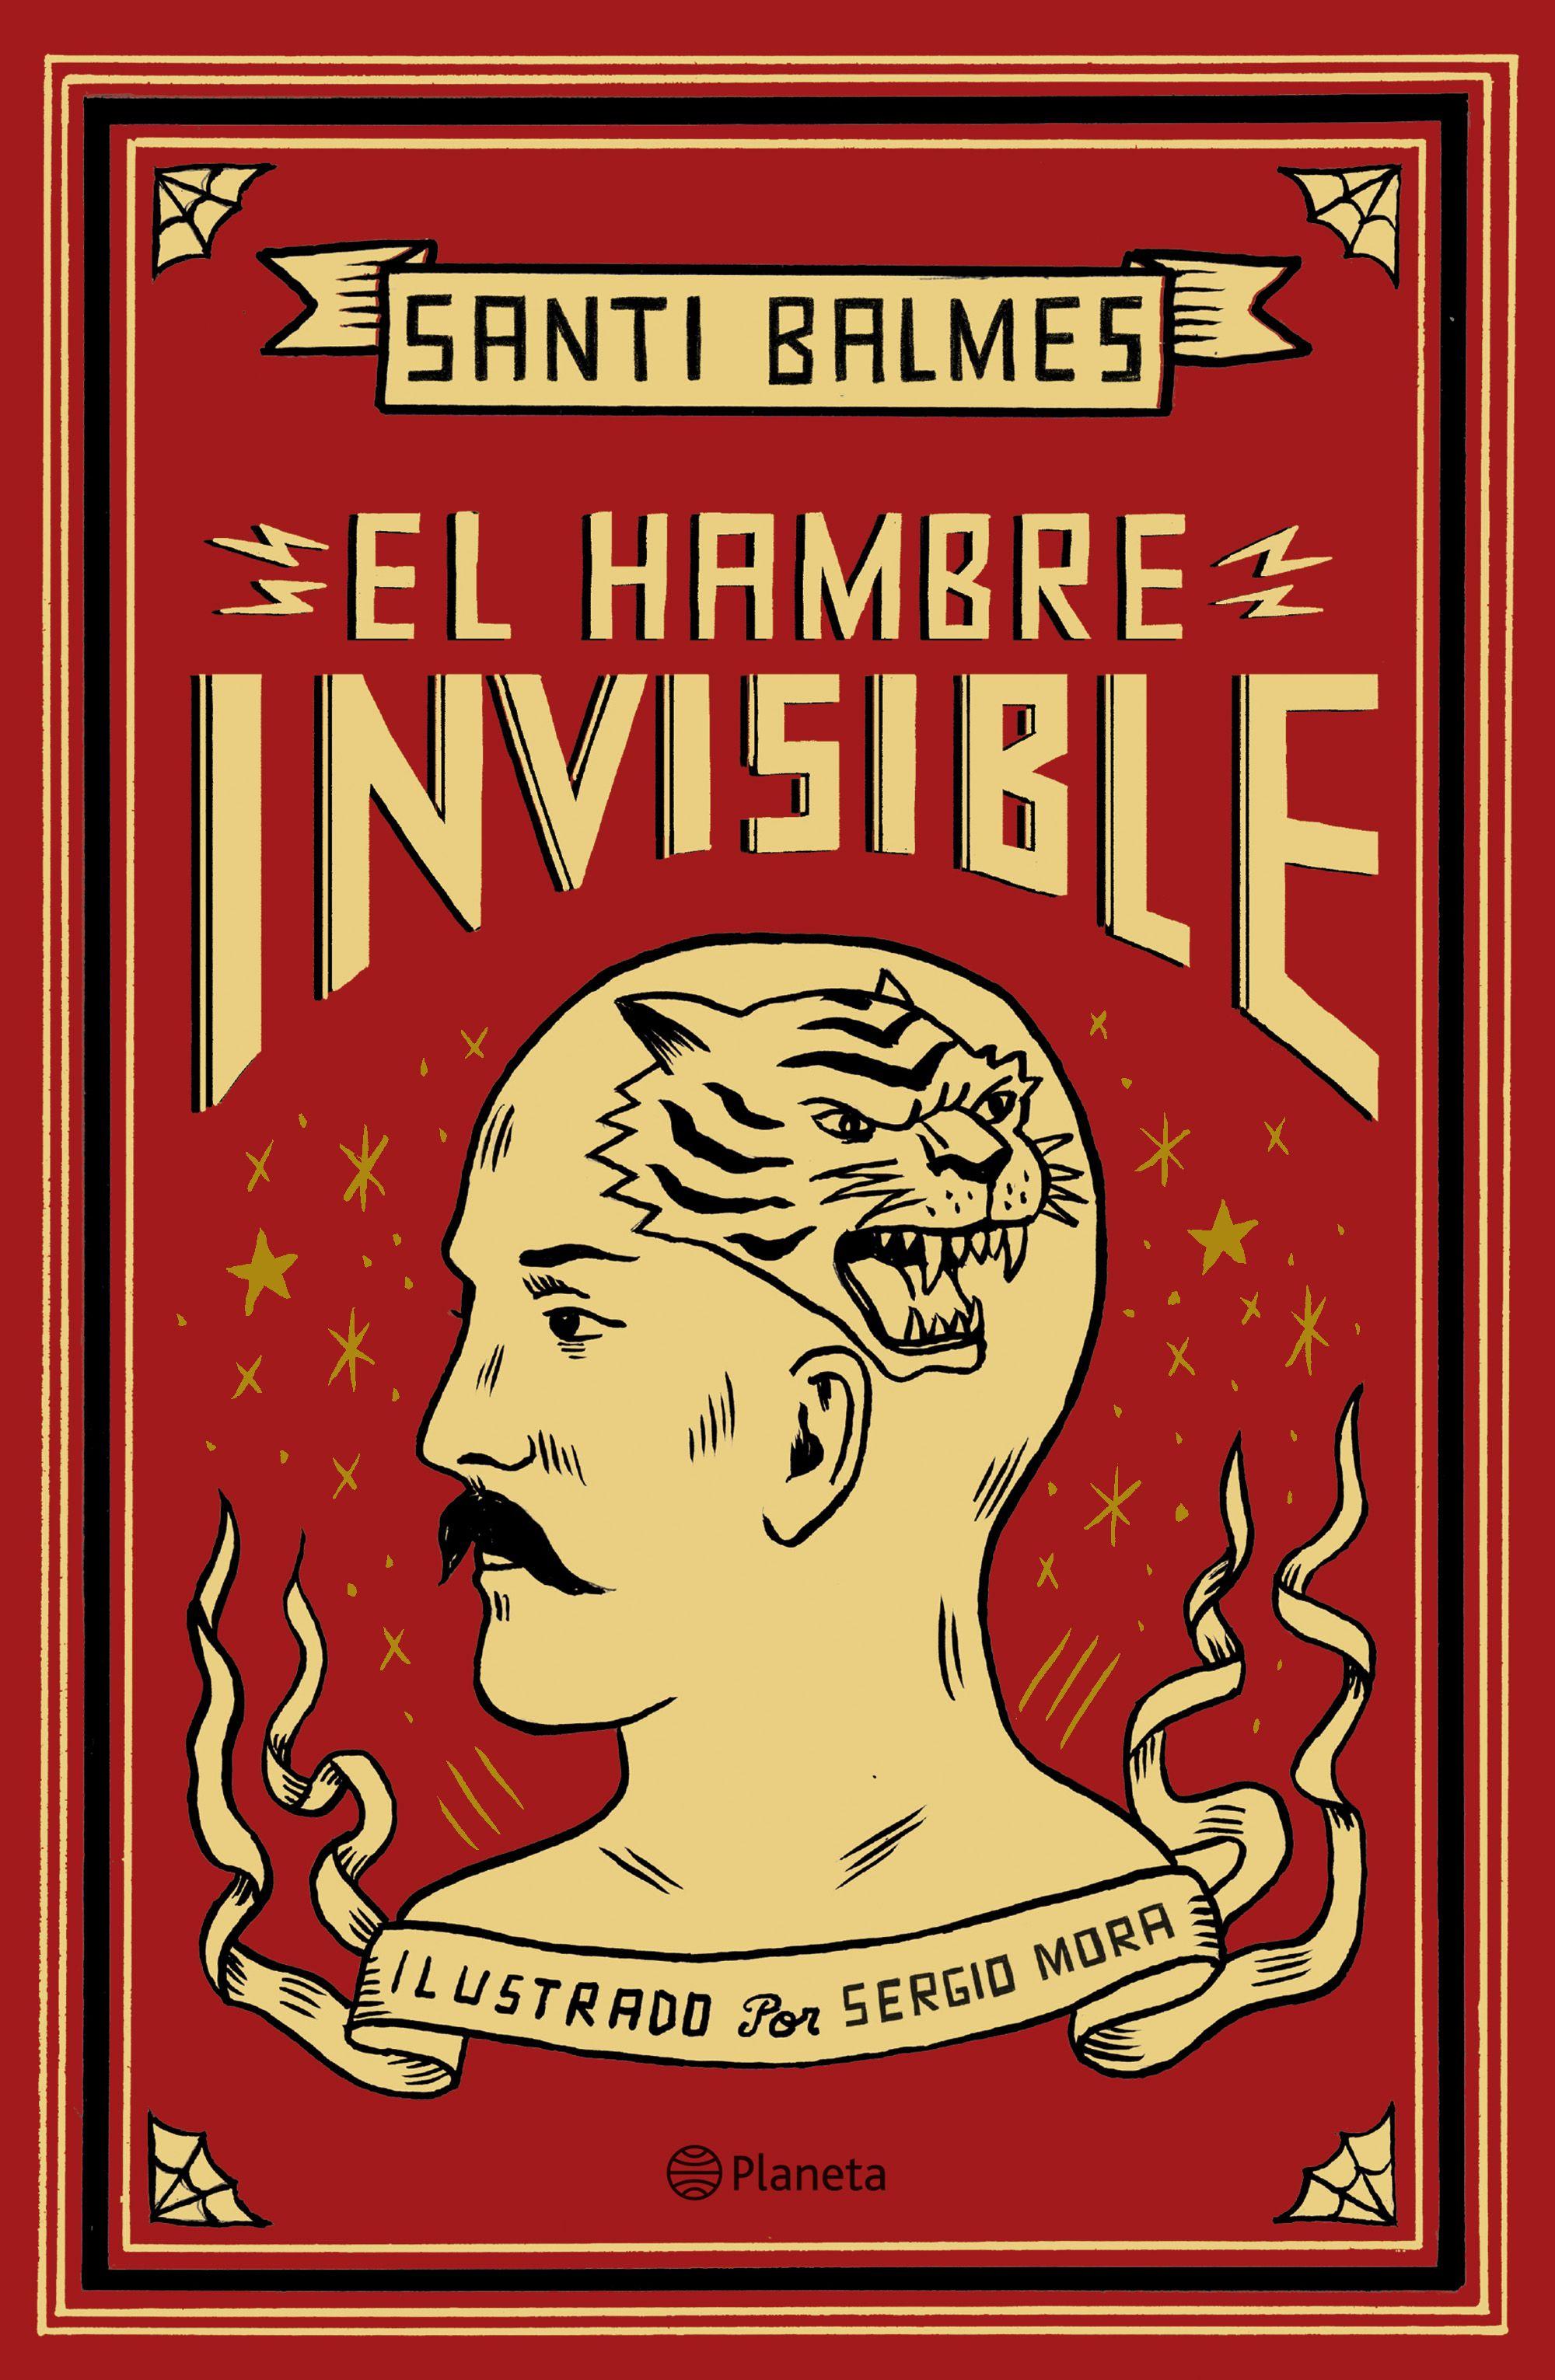 Santi Balmes publica 'El hambre invisible'